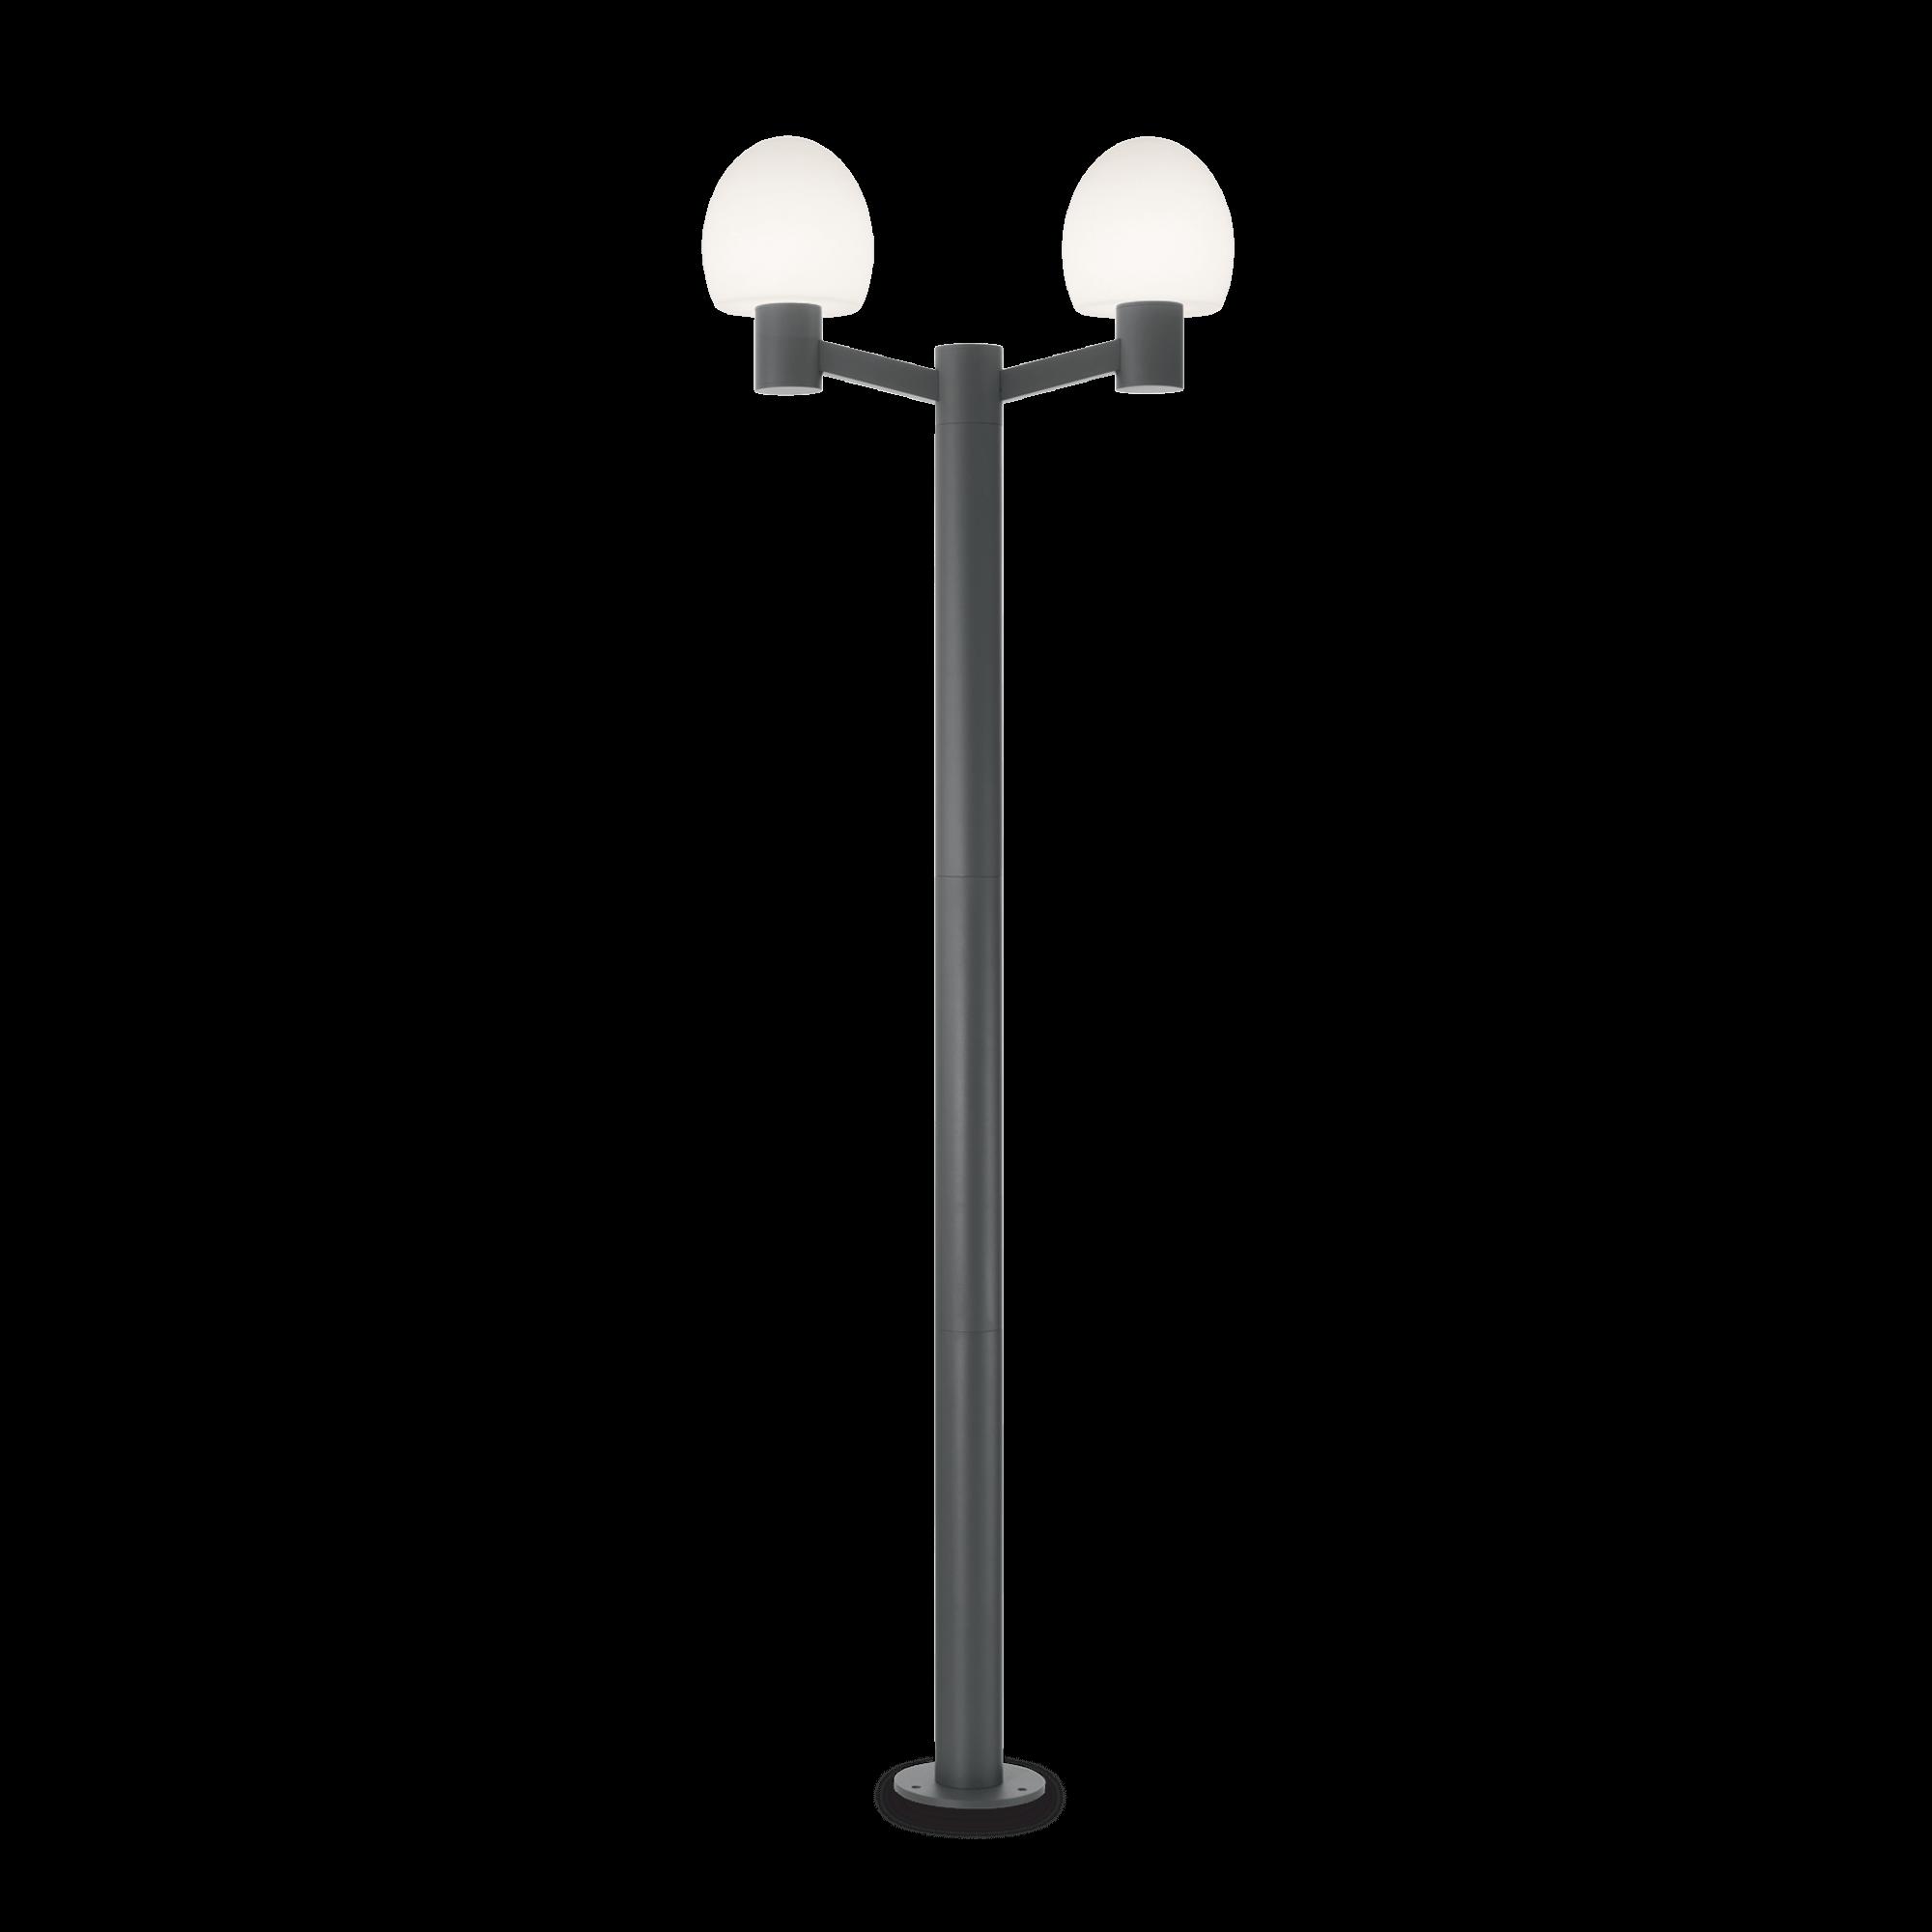 Ideal Lux 147208 CONCERTO PT2 ANTRACITE kültéri állólámpa